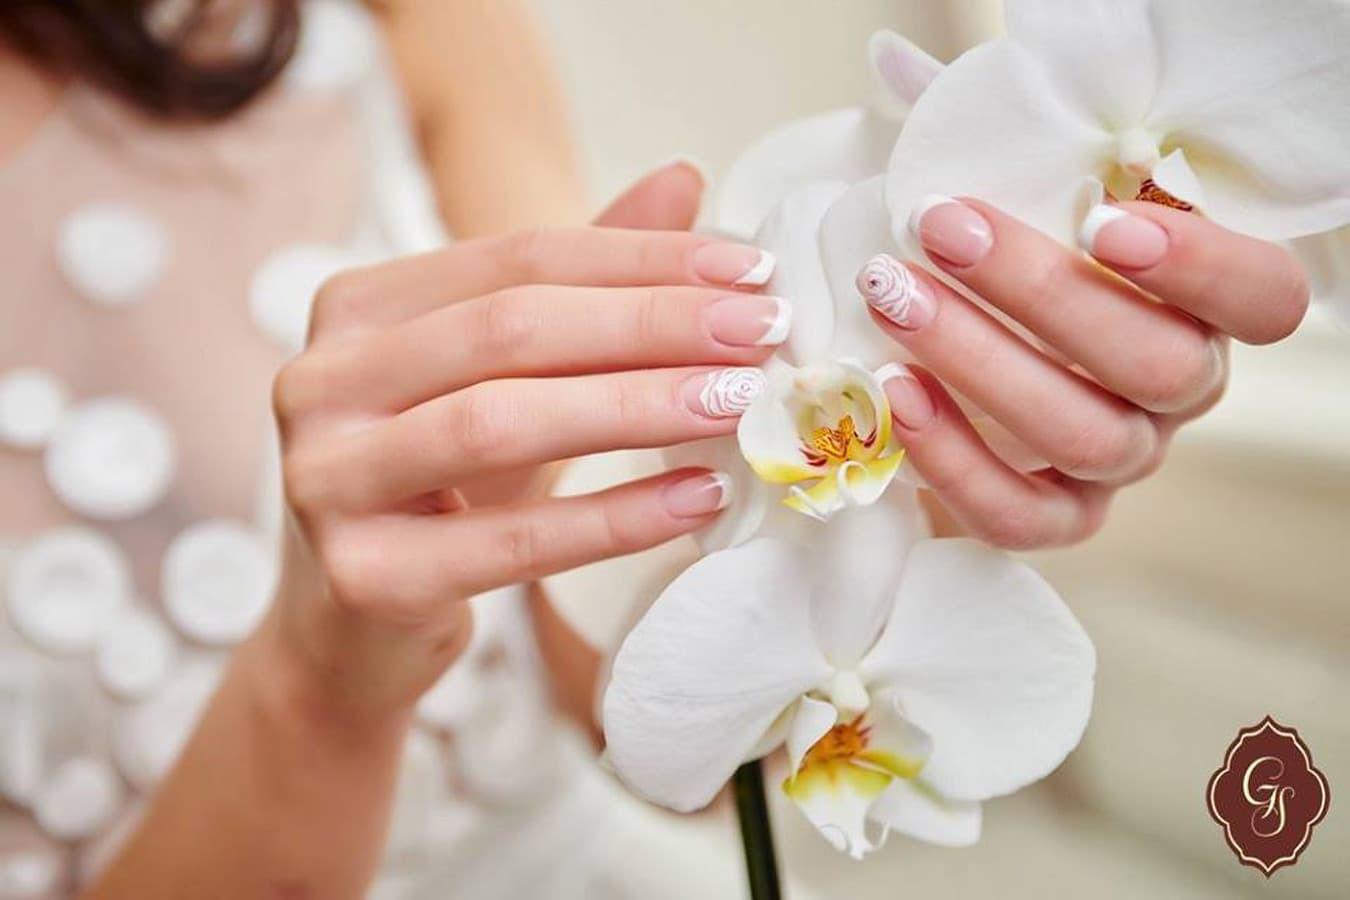 Nagus atstatančios procedūros, gydomosios procedūros nagams, manikiūras, pedikiūras, ilgalaikis gelinis lakavimas, priauginami nagai, arkiniai nagai, rankų masažas +37067394894